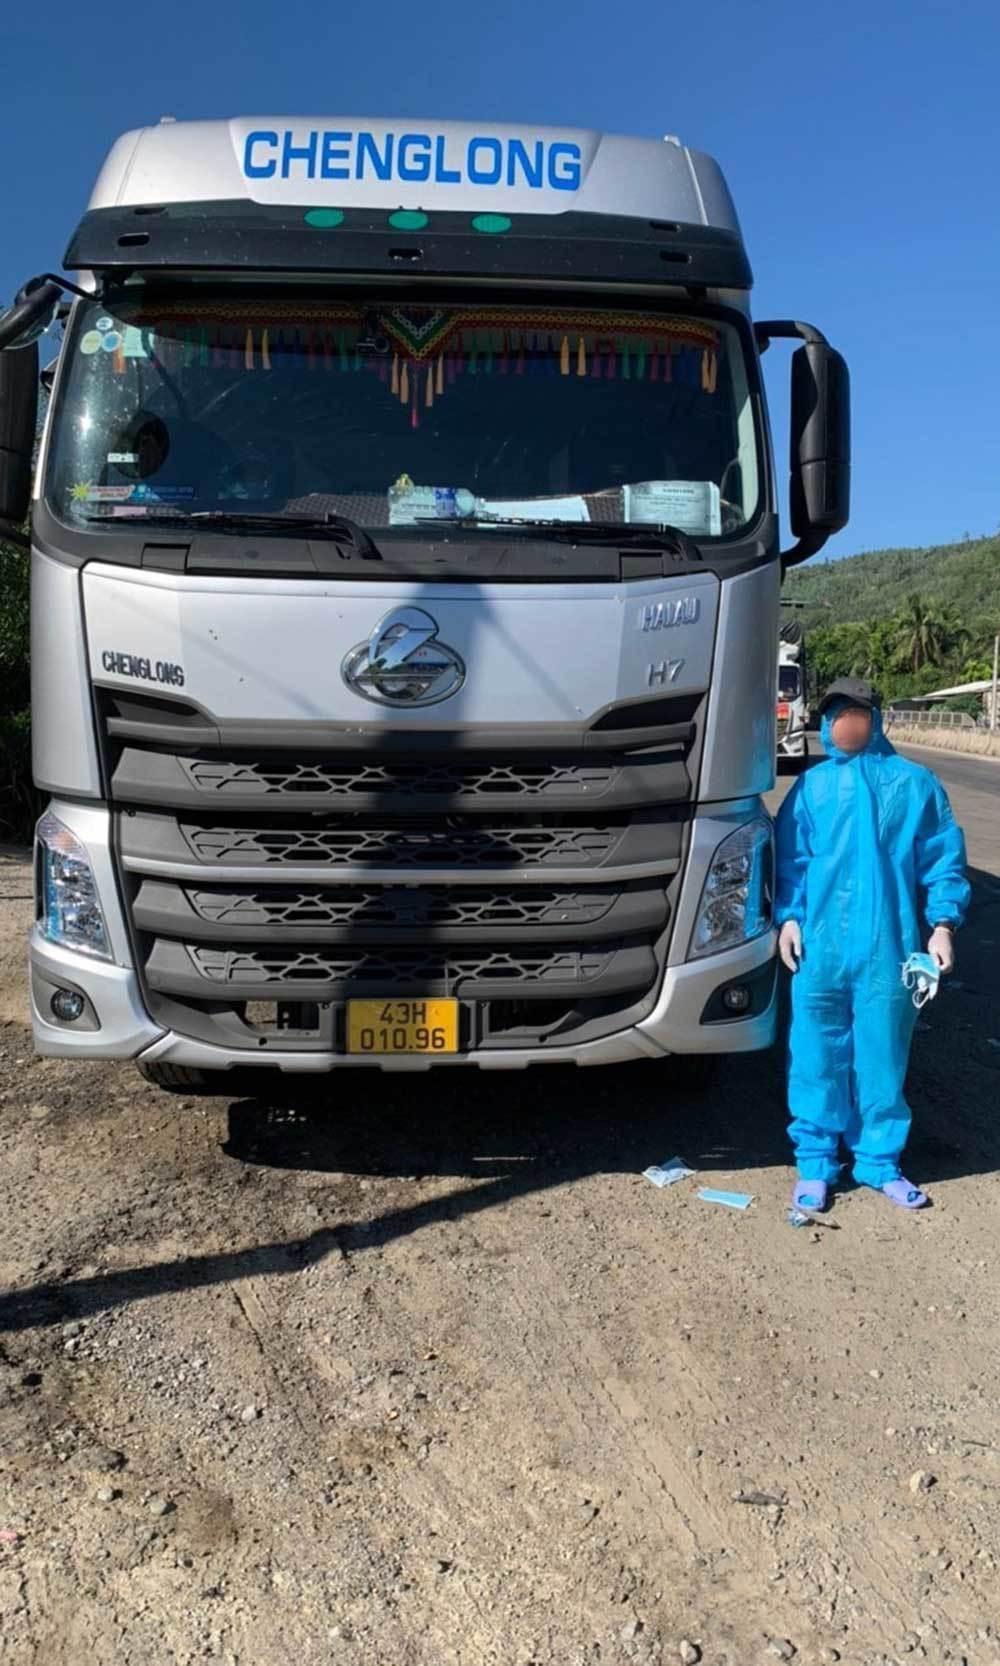 Cho người đi nhờ từ TP.HCM về Quảng Nam, tài xế có thể bị phạt 10 triệu